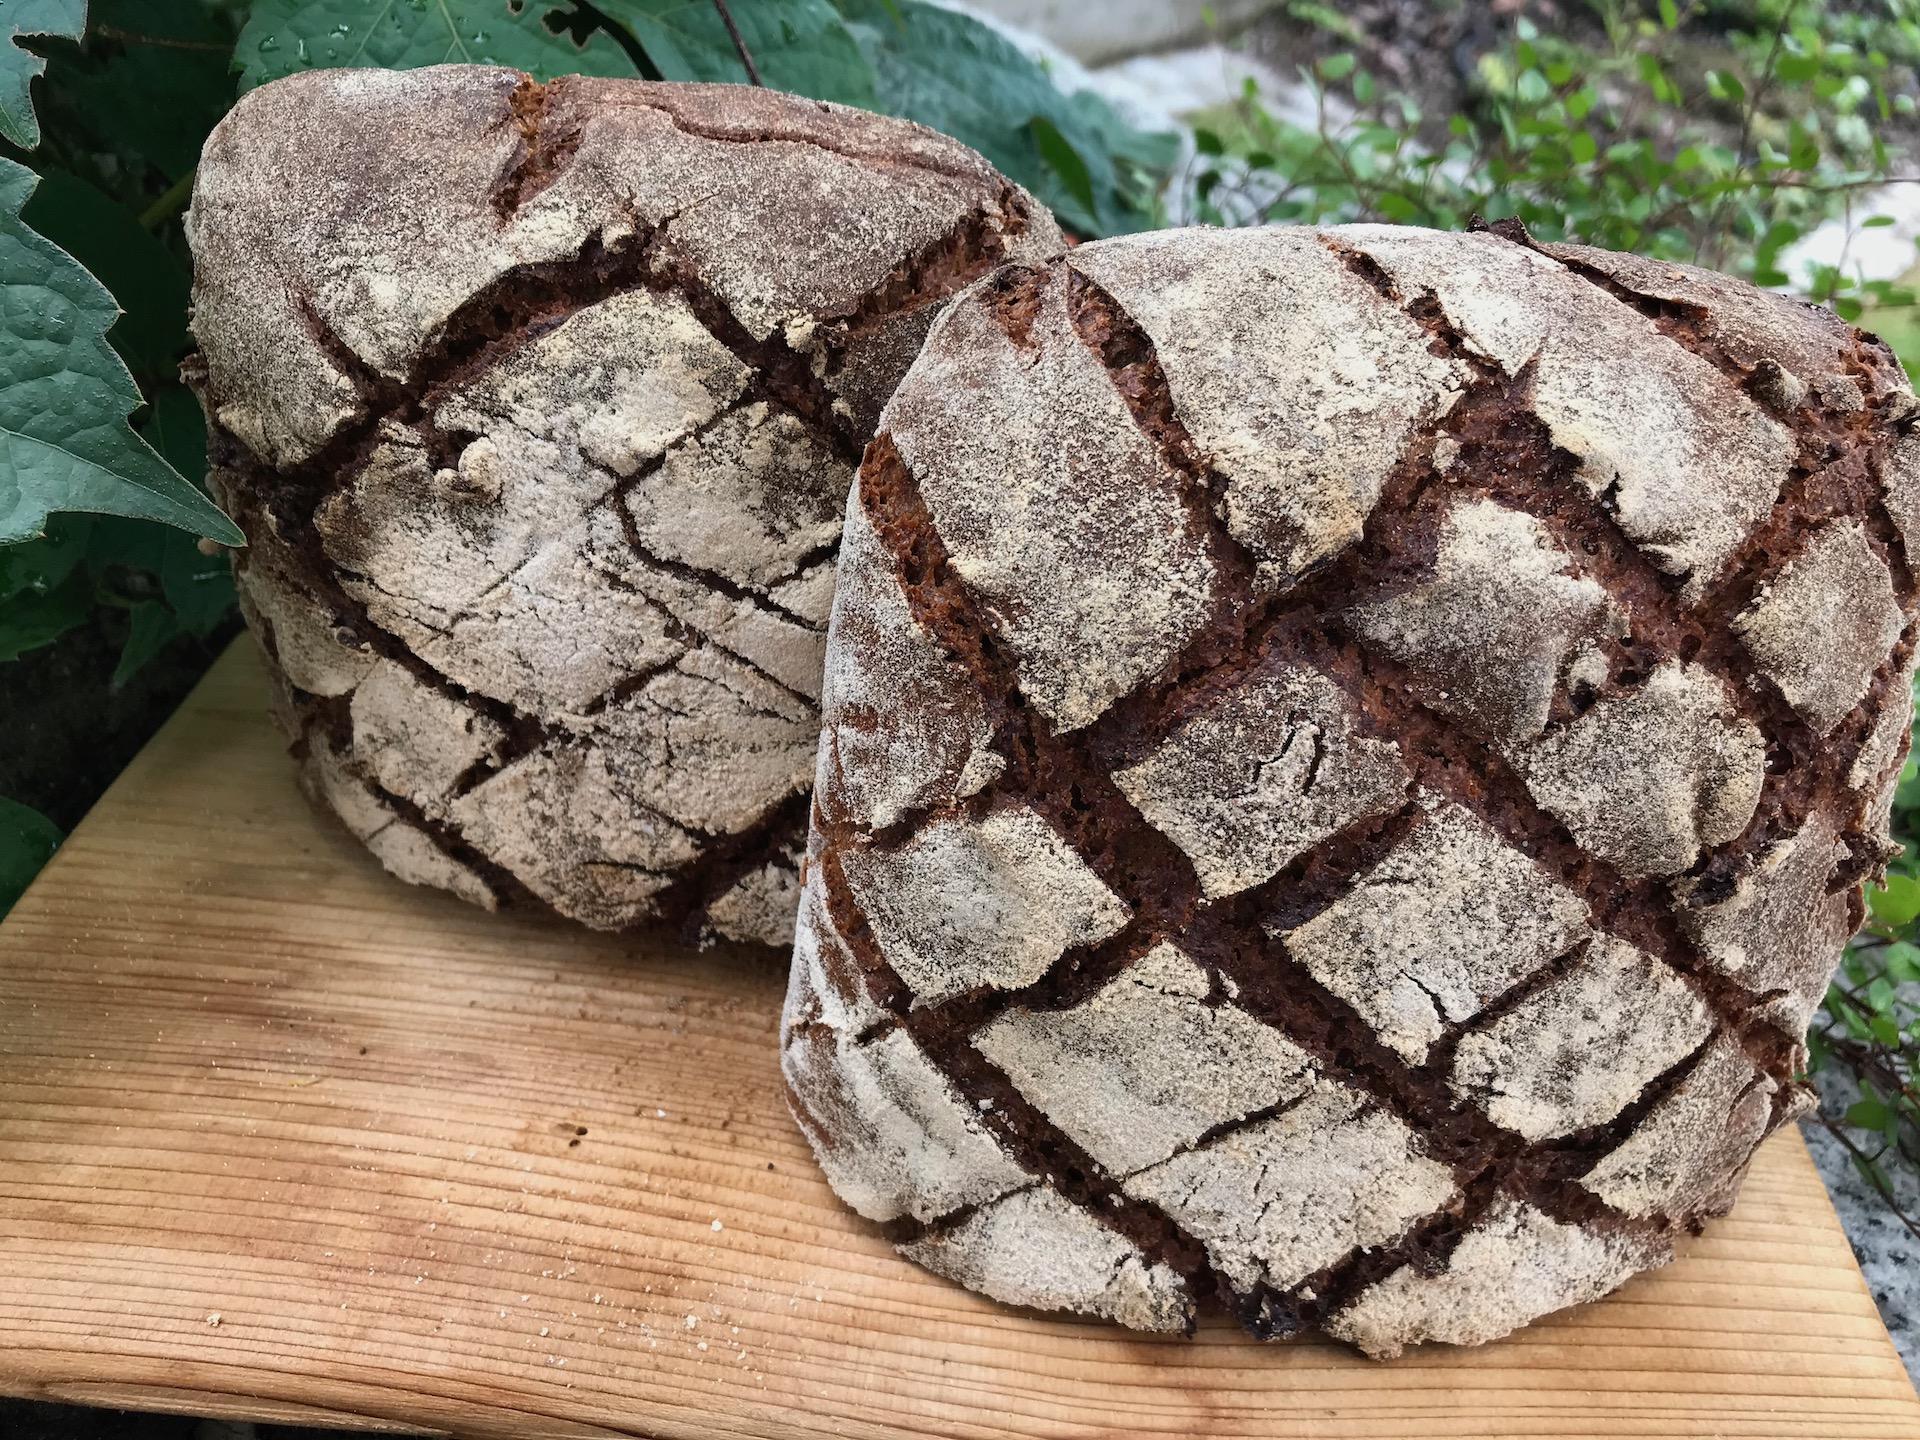 87/13 Roggen-Dinkel-Brot